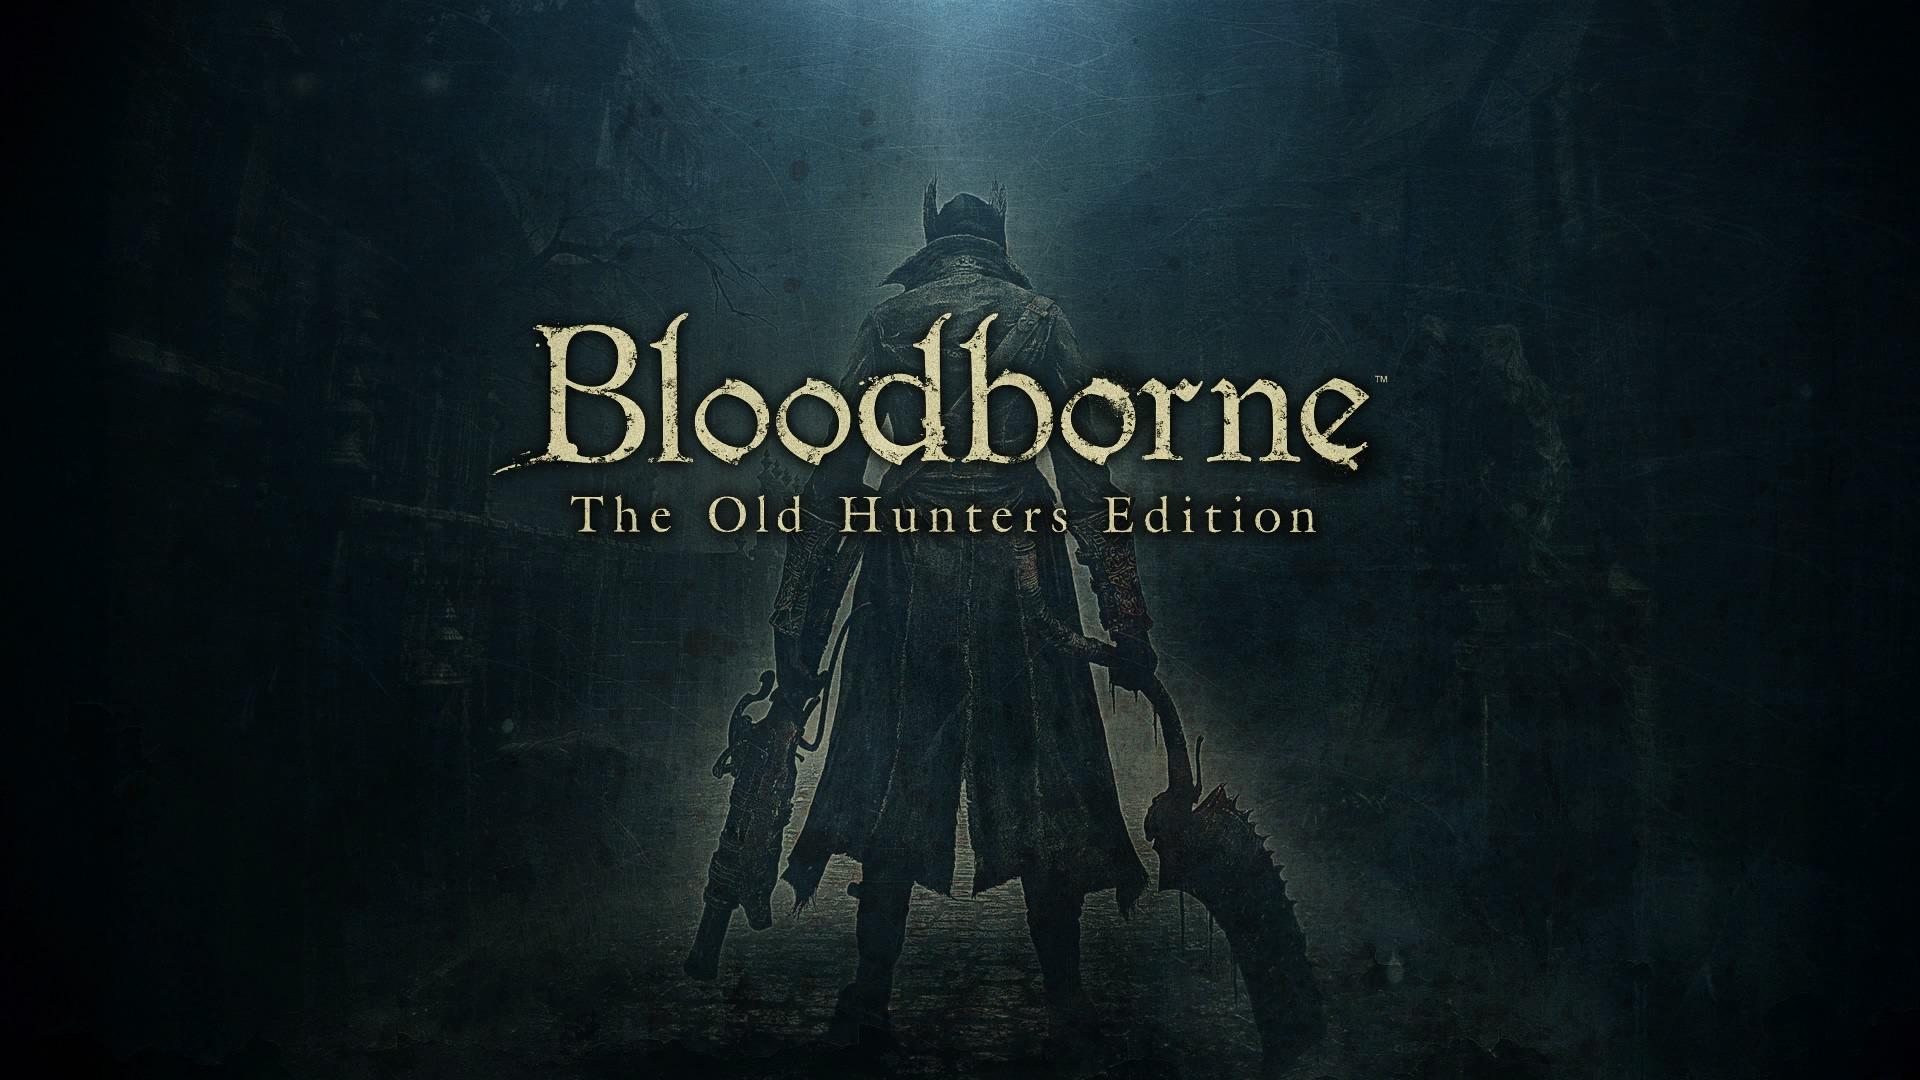 デスクトップ壁紙 1920x1080 Px Bloodborne The Old Hunters